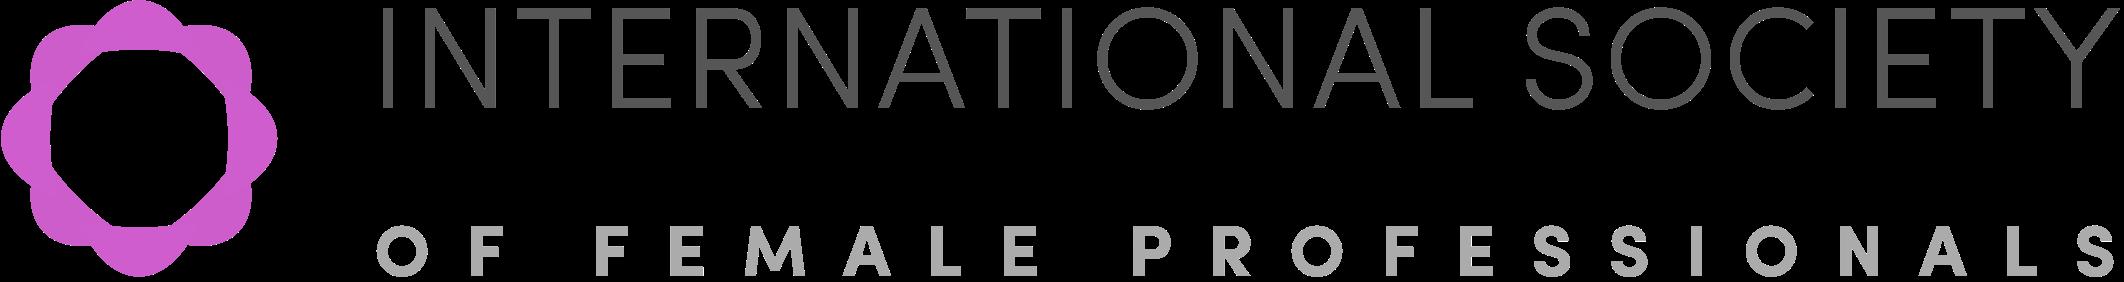 ISFP logo